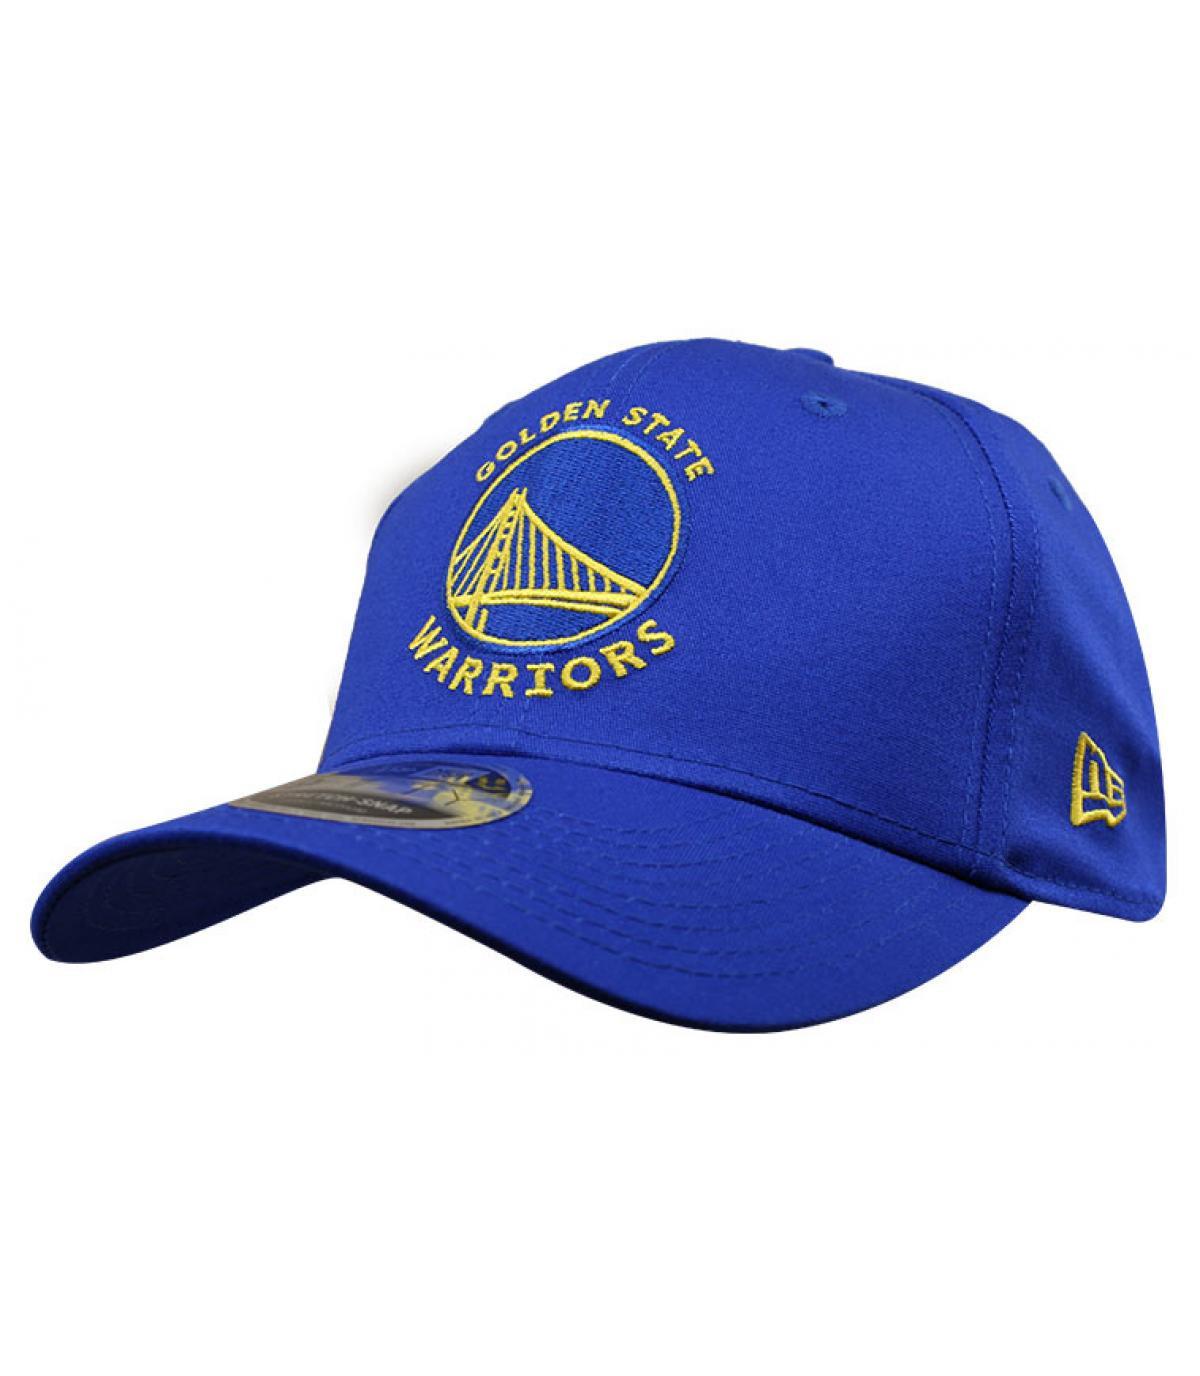 casquette Warriors bleu